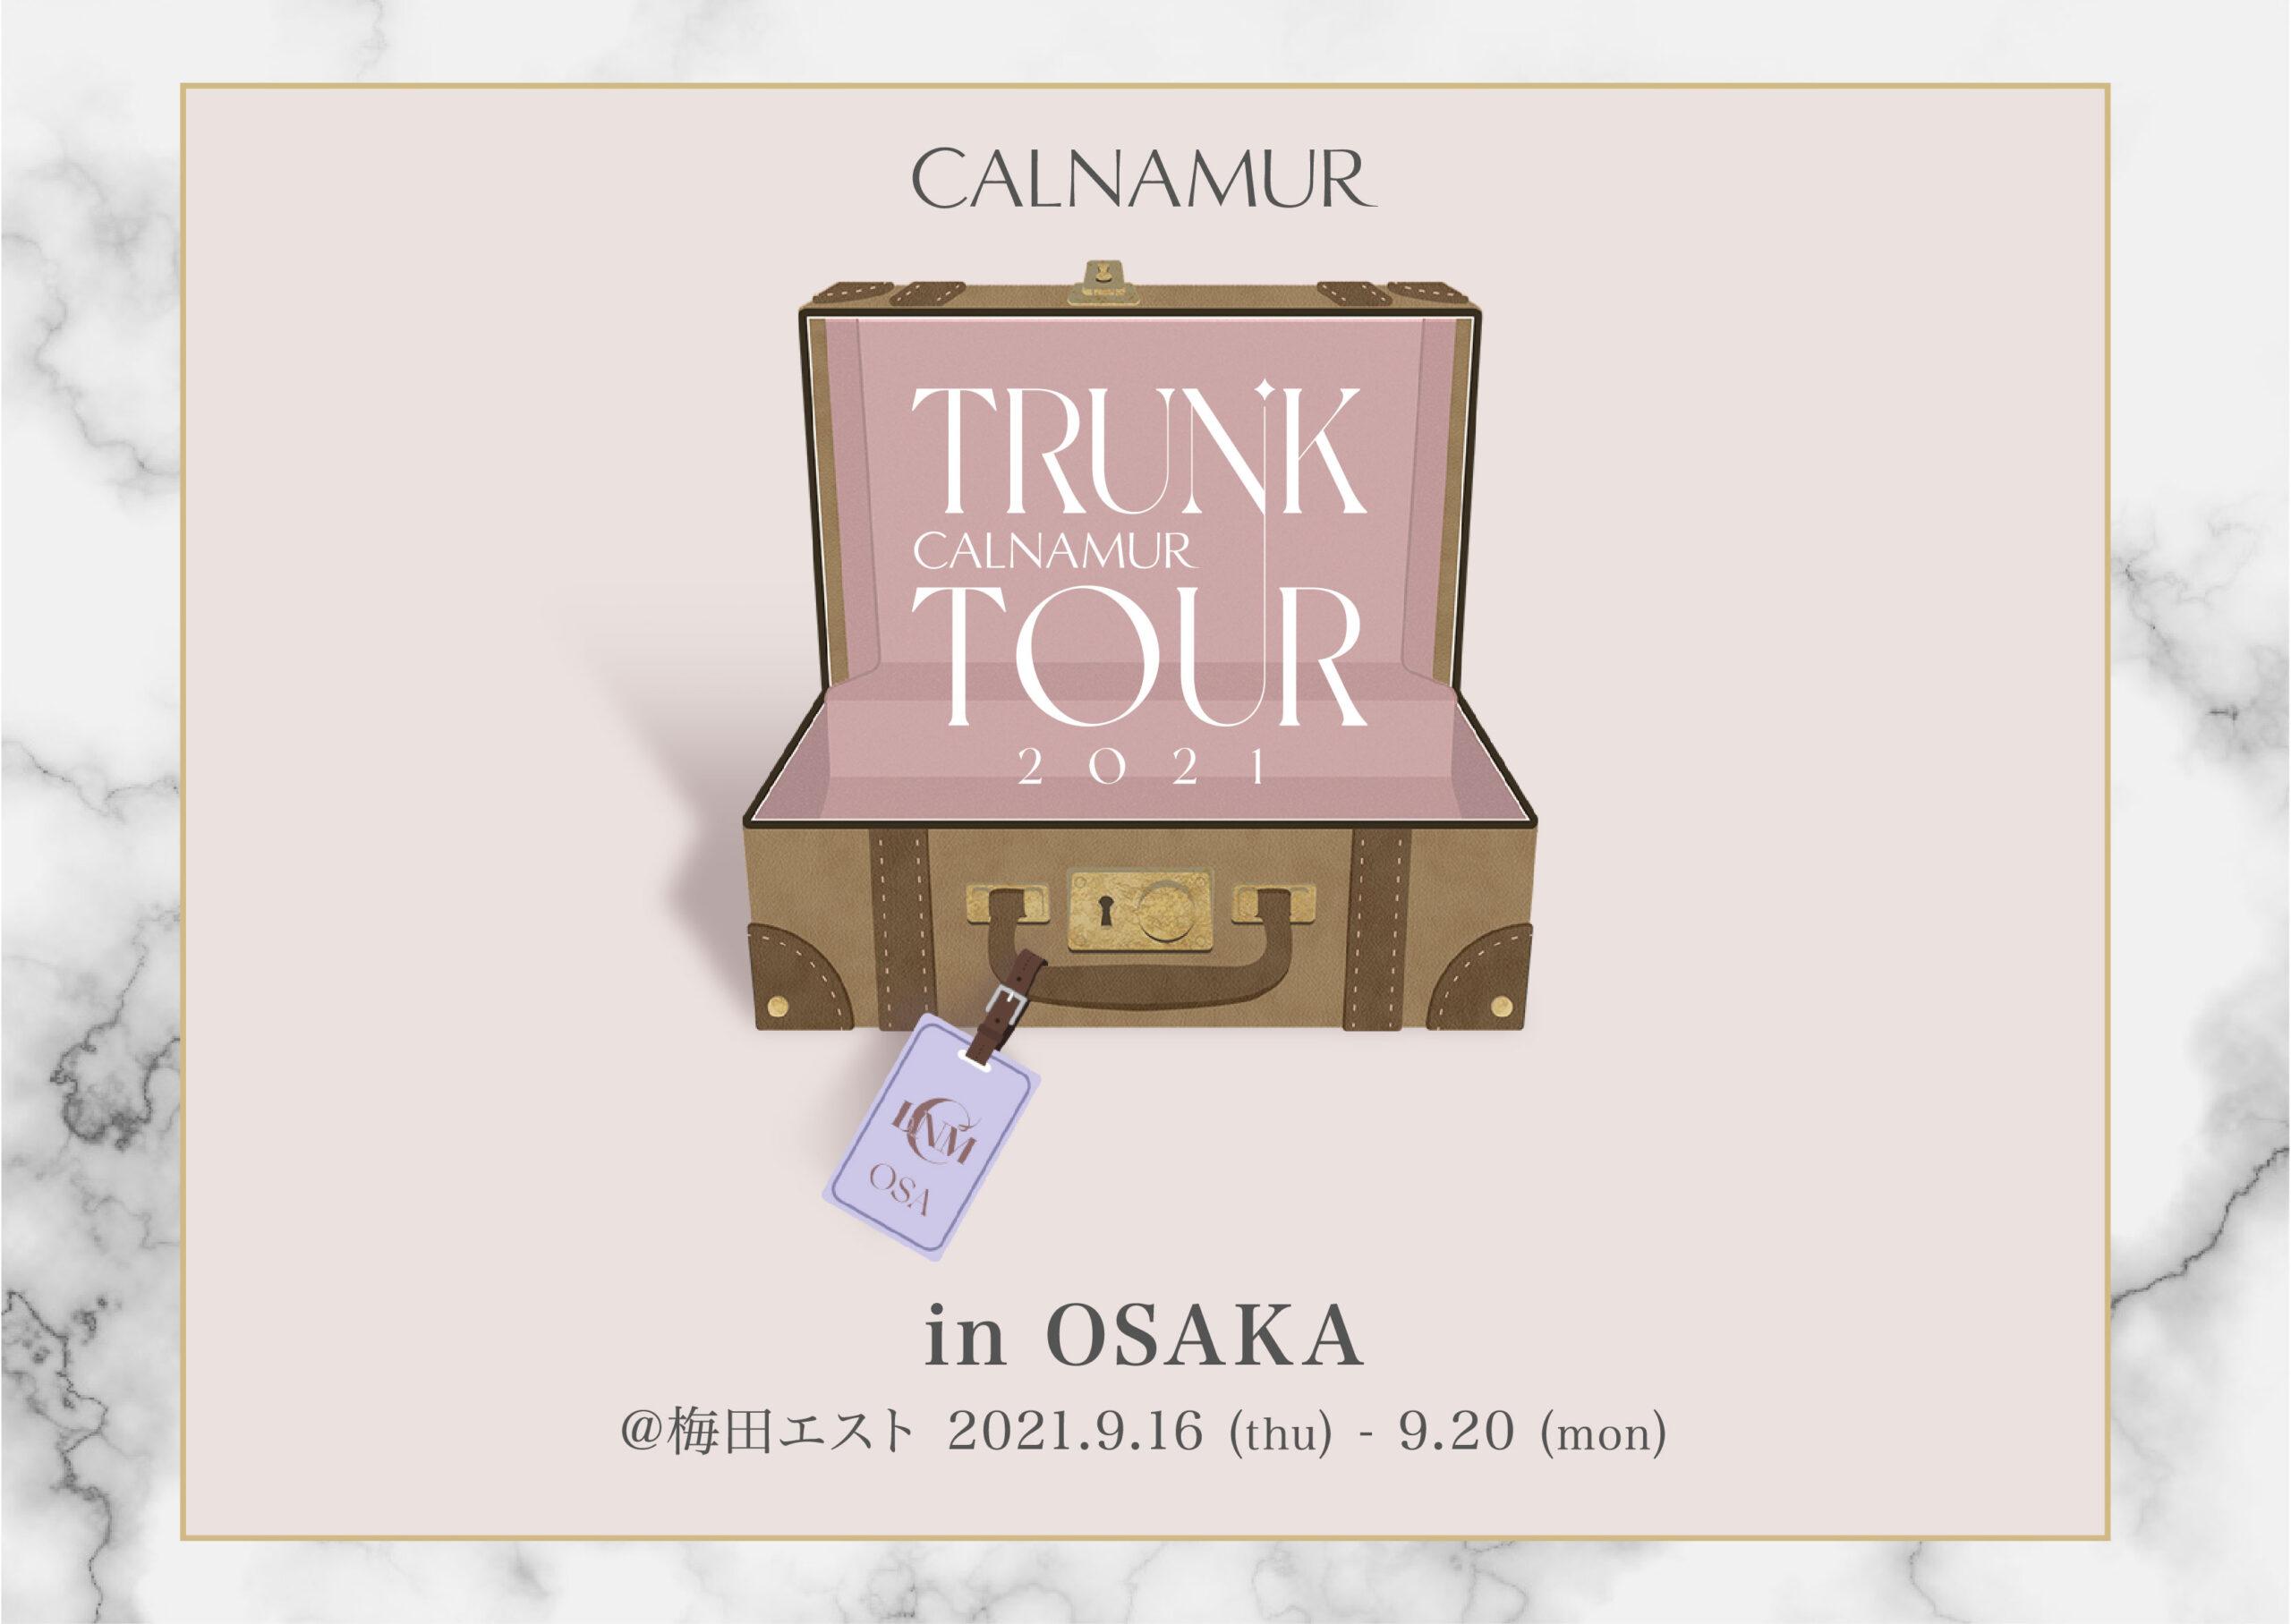 09.18(sat)CALNAMUR TRUNK TOUR 2021 in OSAKA来店イベント入店予約について